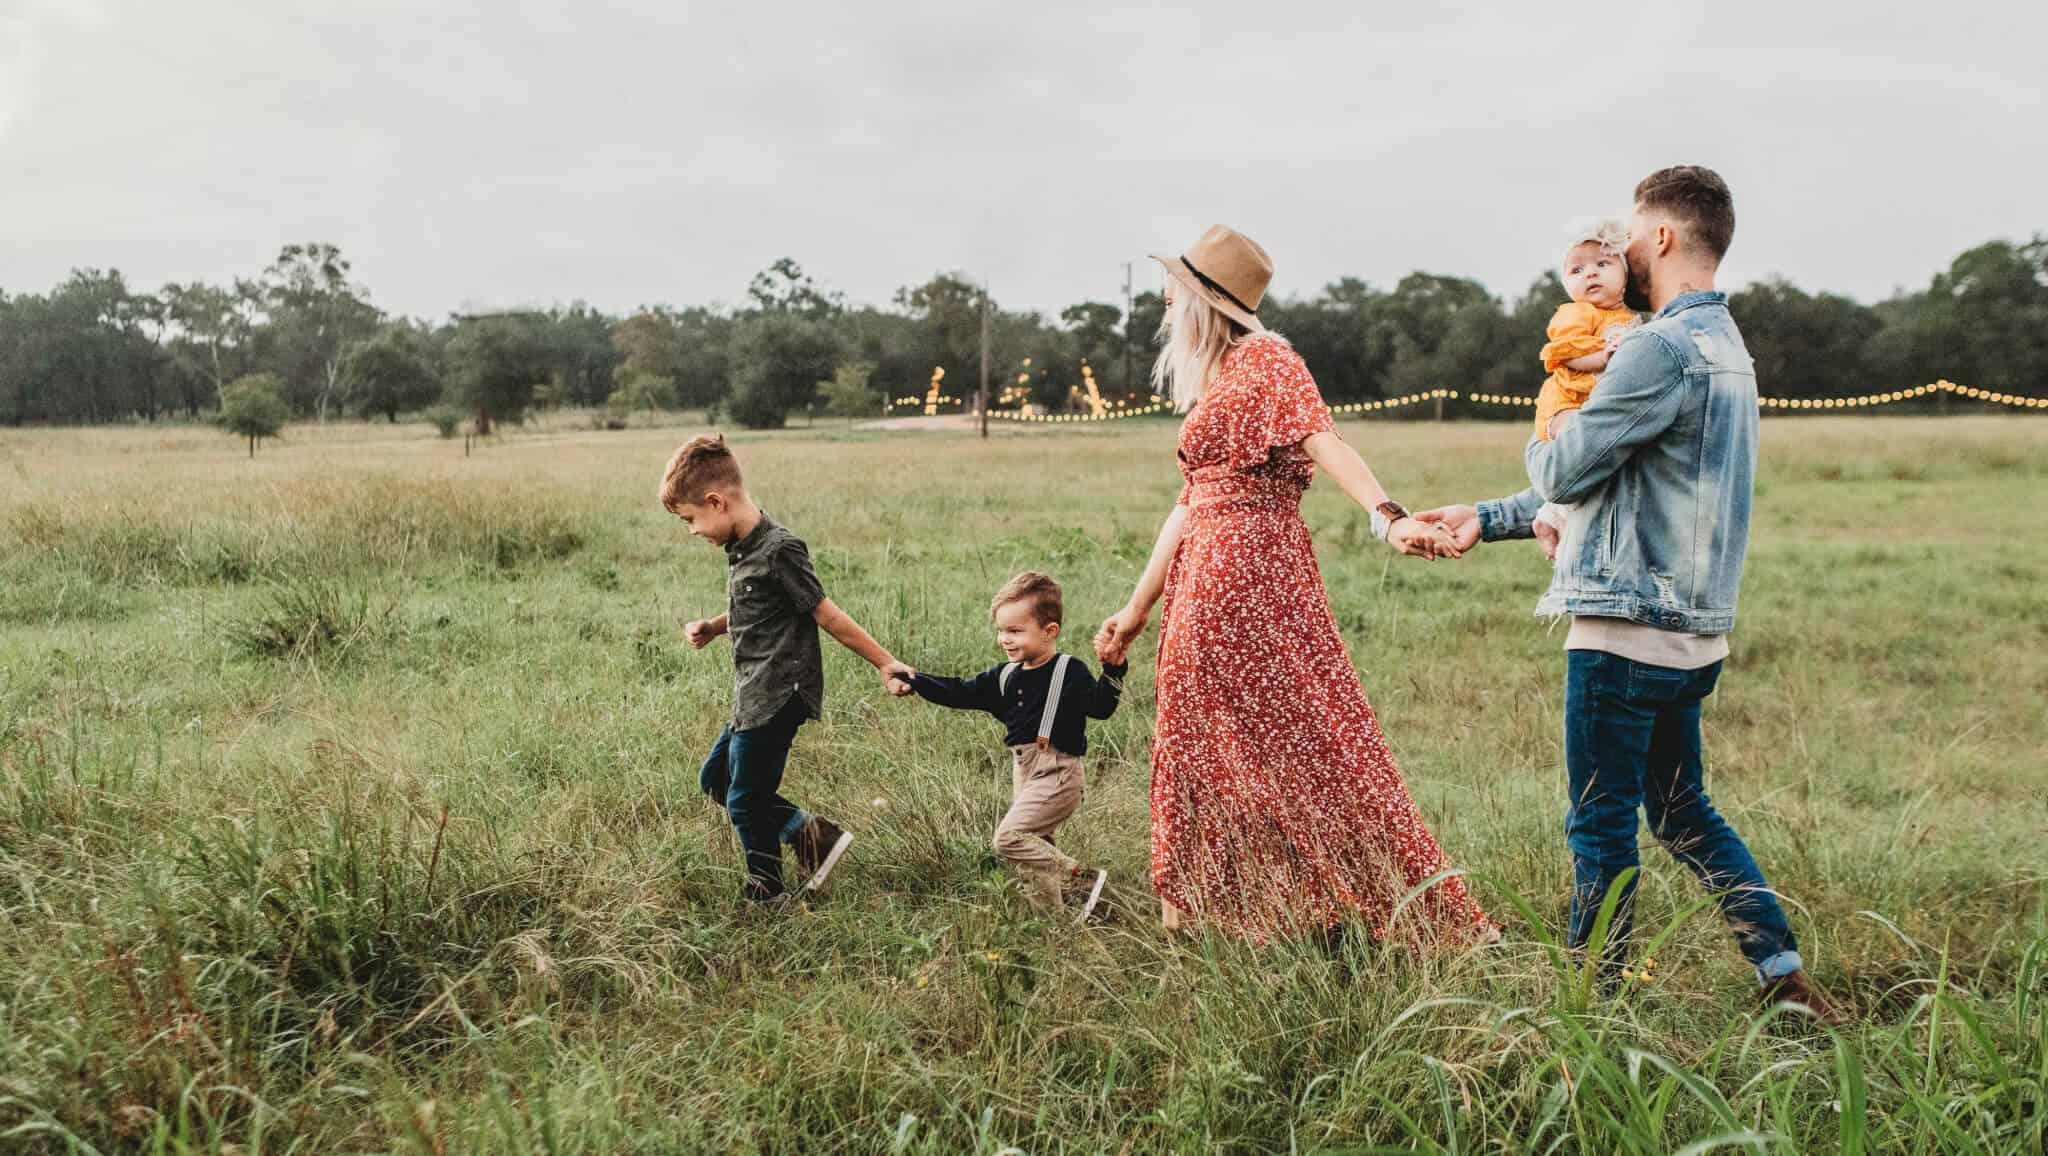 familia a passear no campo pais com trÊs filhos